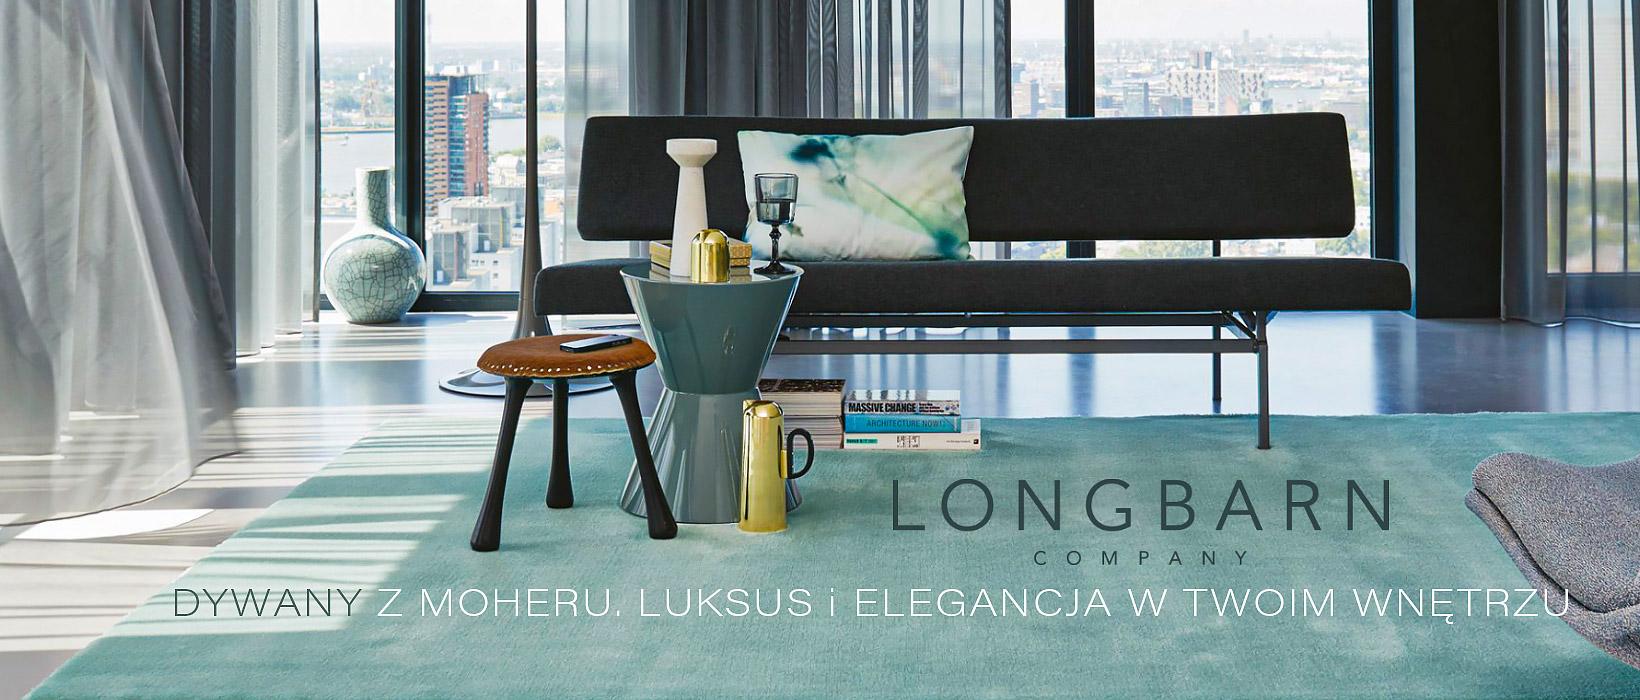 Longbarn- dywany z moheru